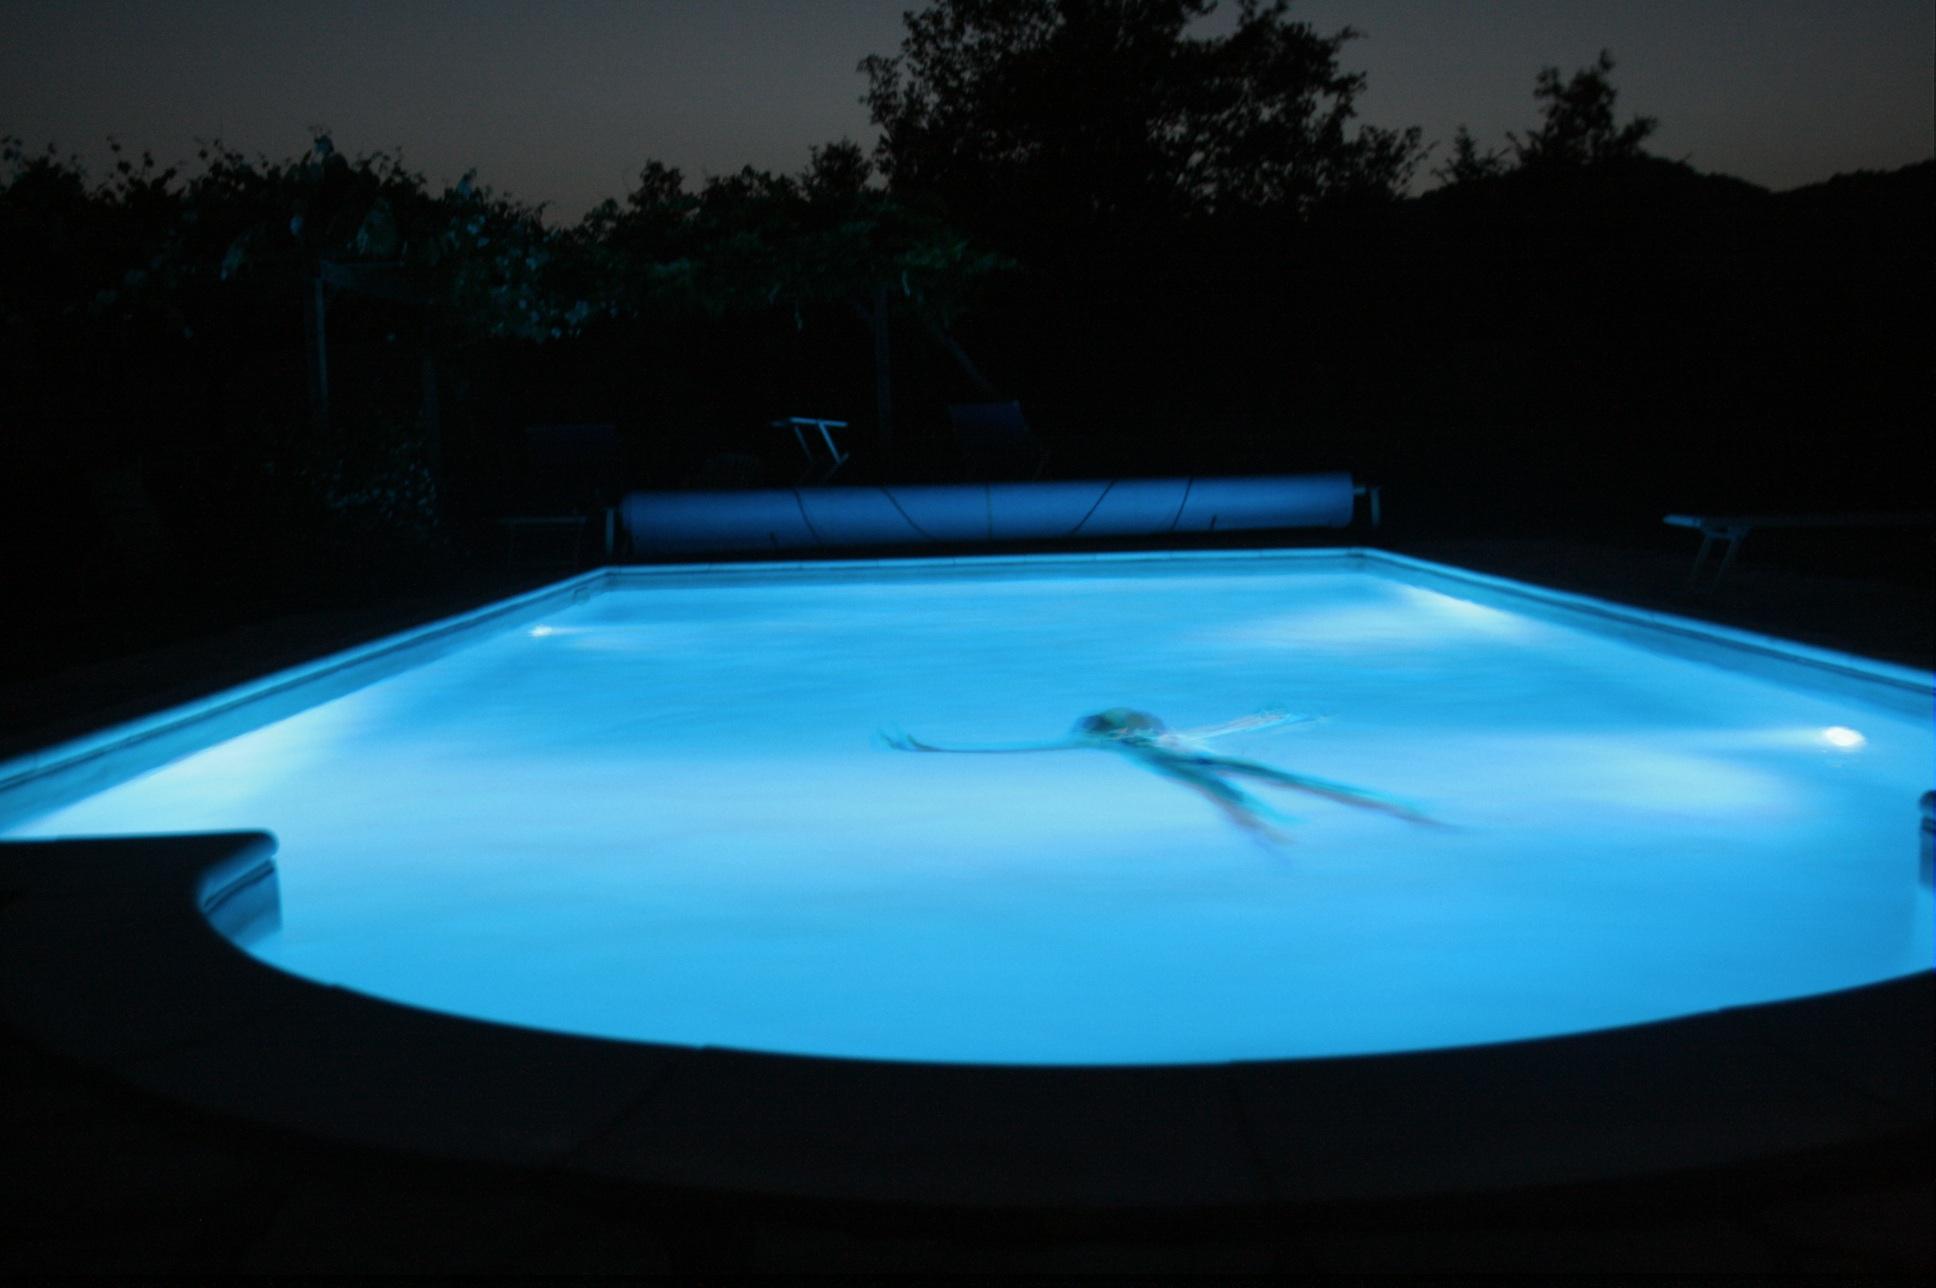 Led Pool Lights Tuscanyumbriablog